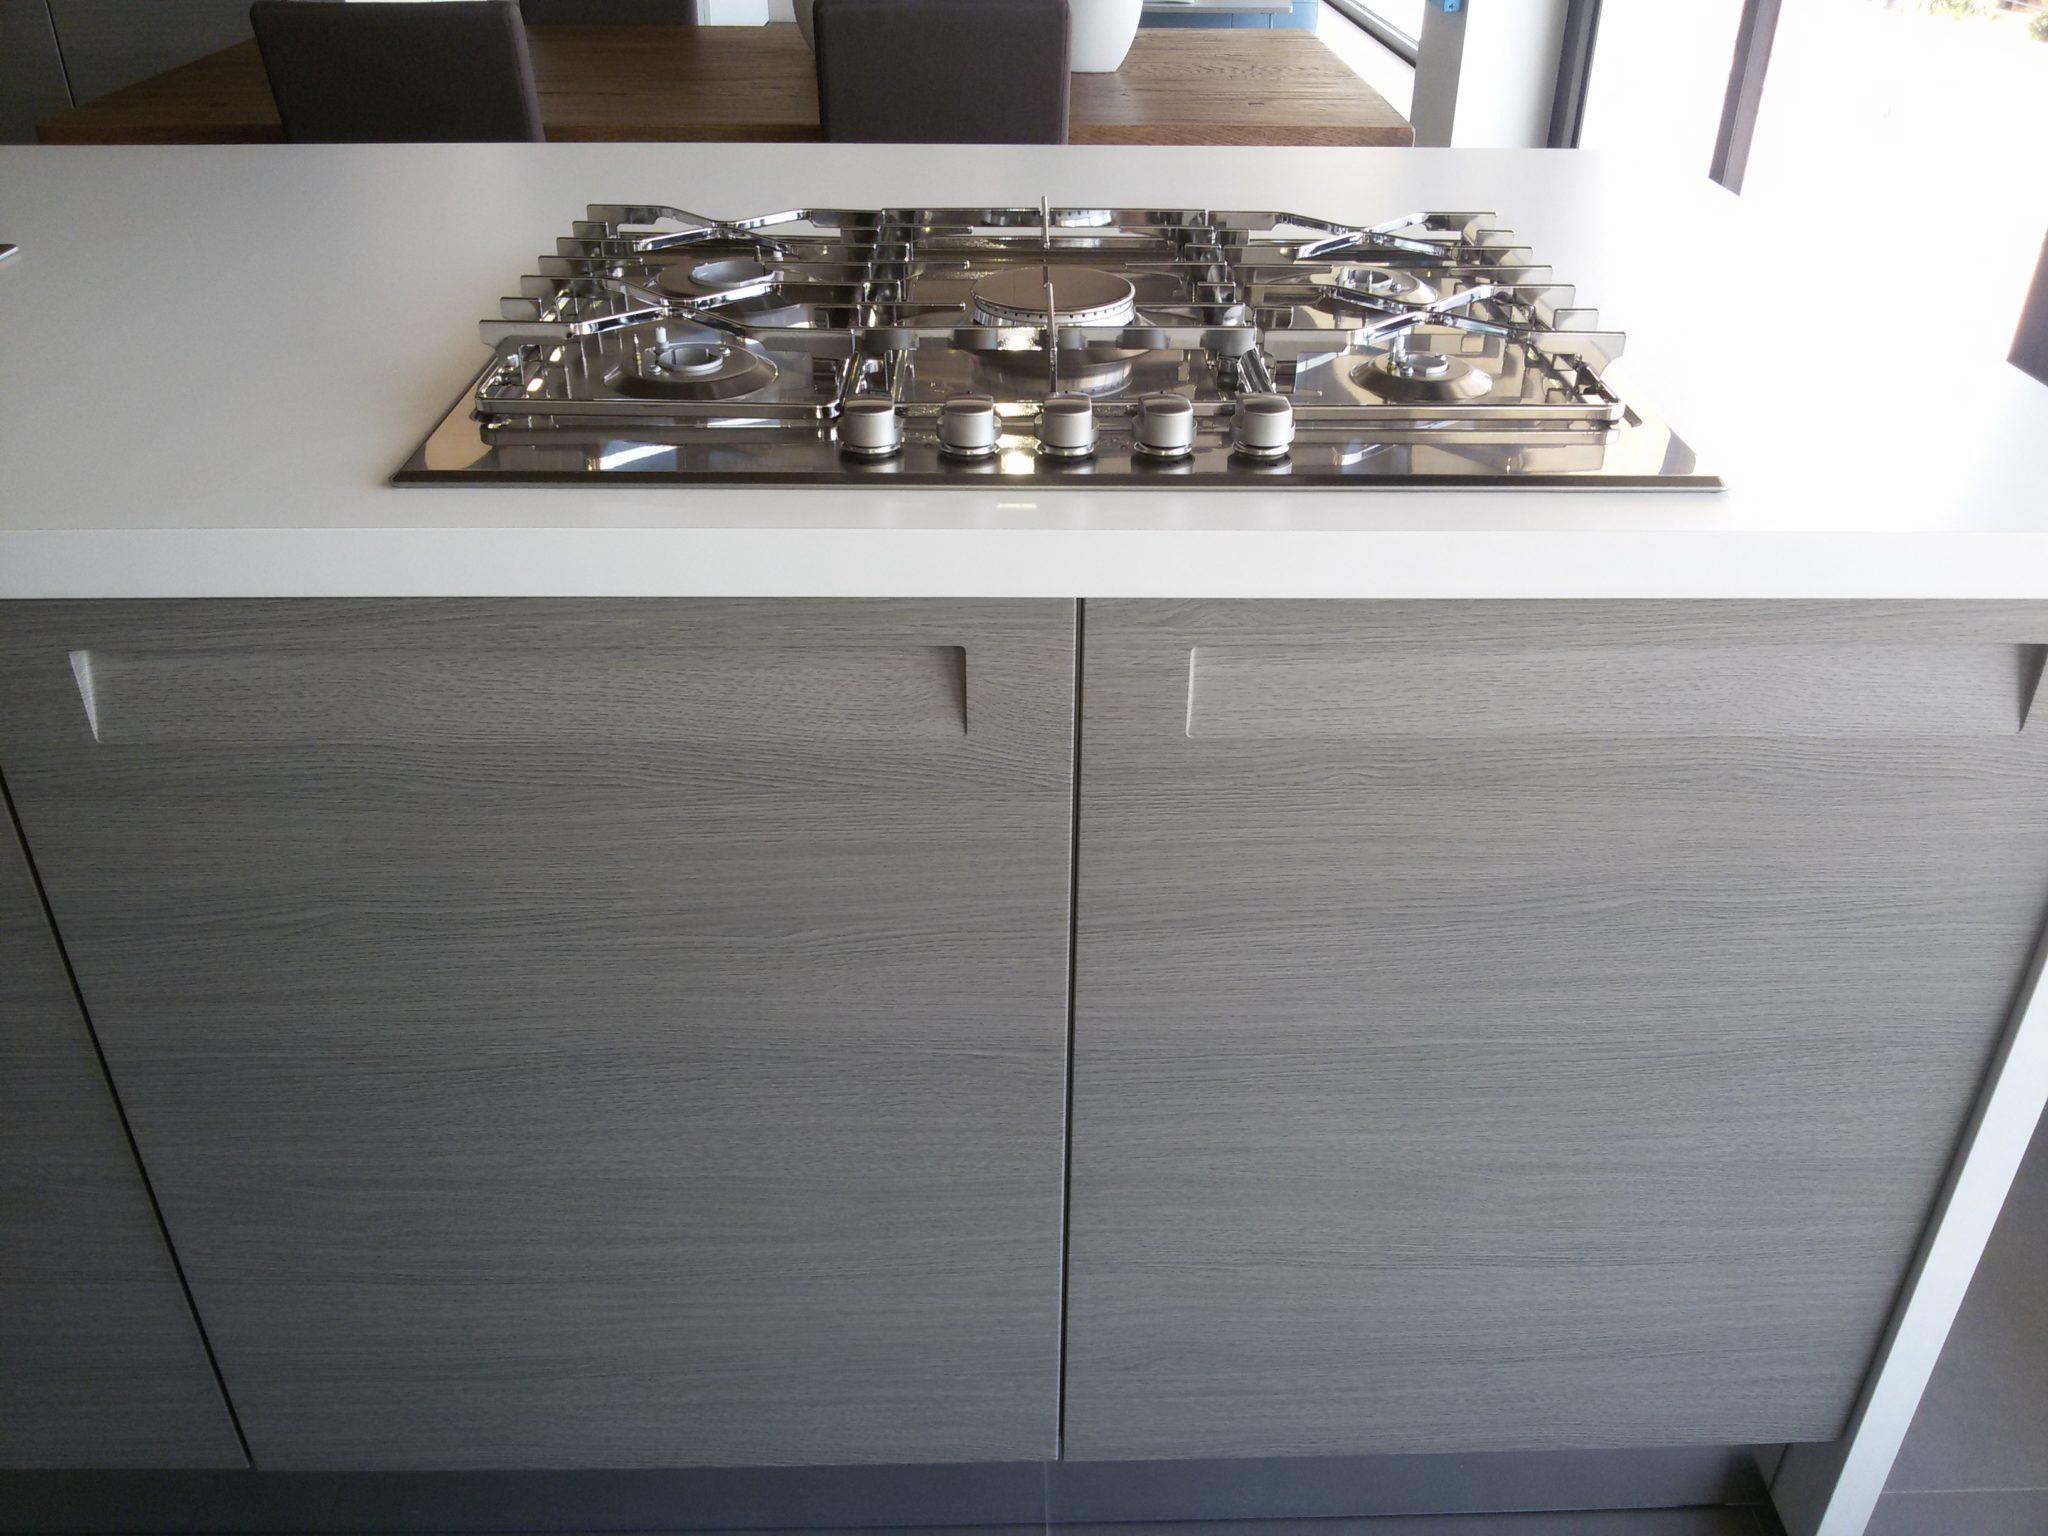 La cucina moderna senza maniglia detta con gola - Maniglie per ante cucina ...